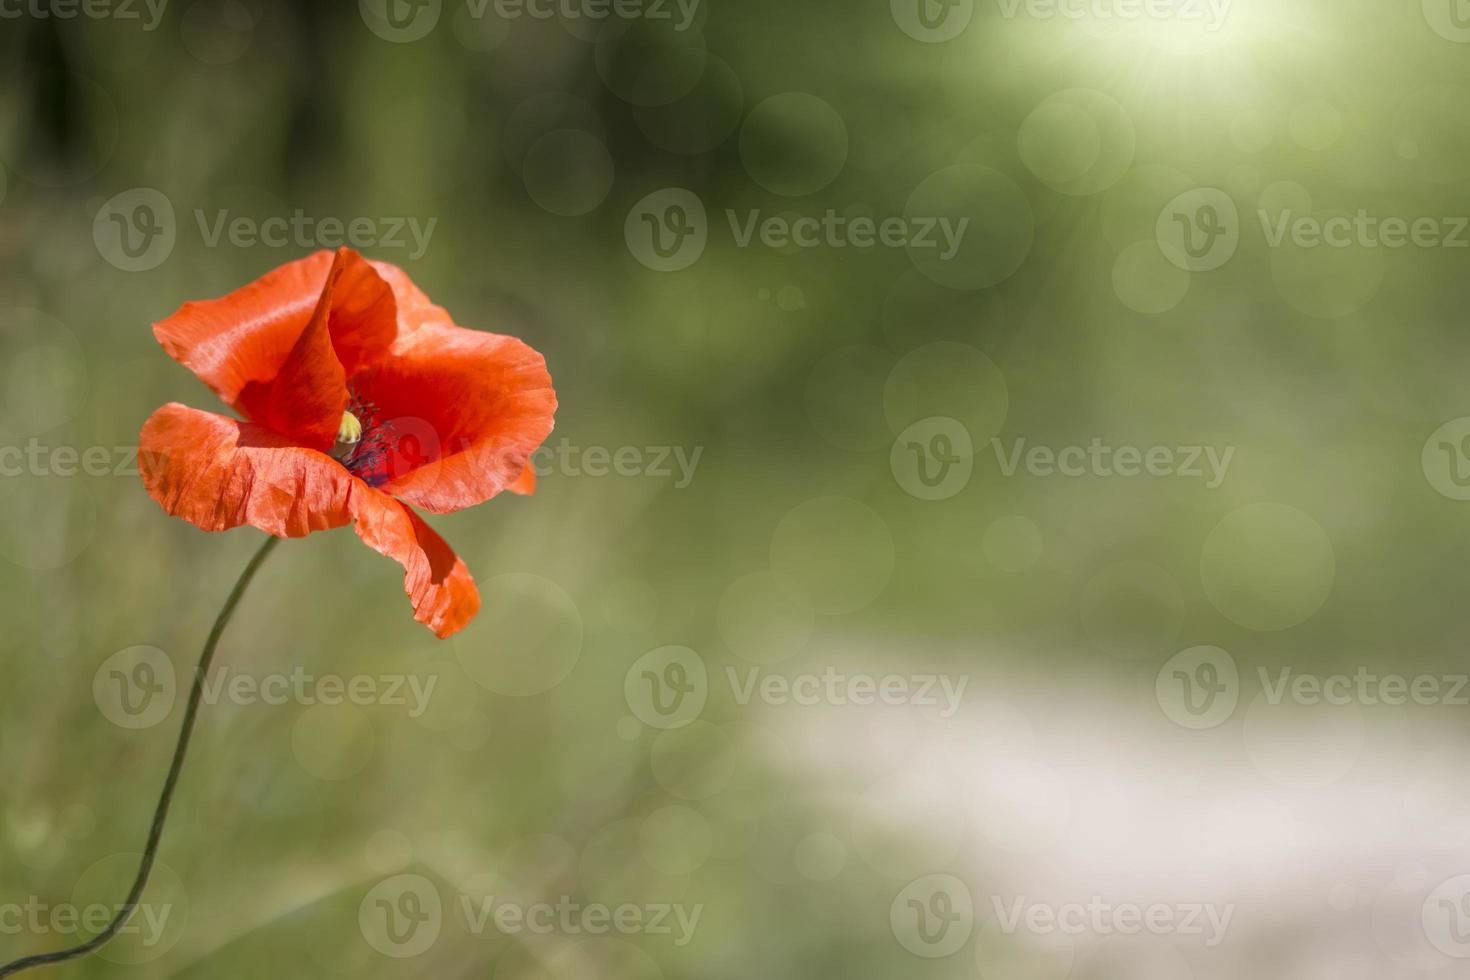 sfondo astratto con papavero selvatico foto